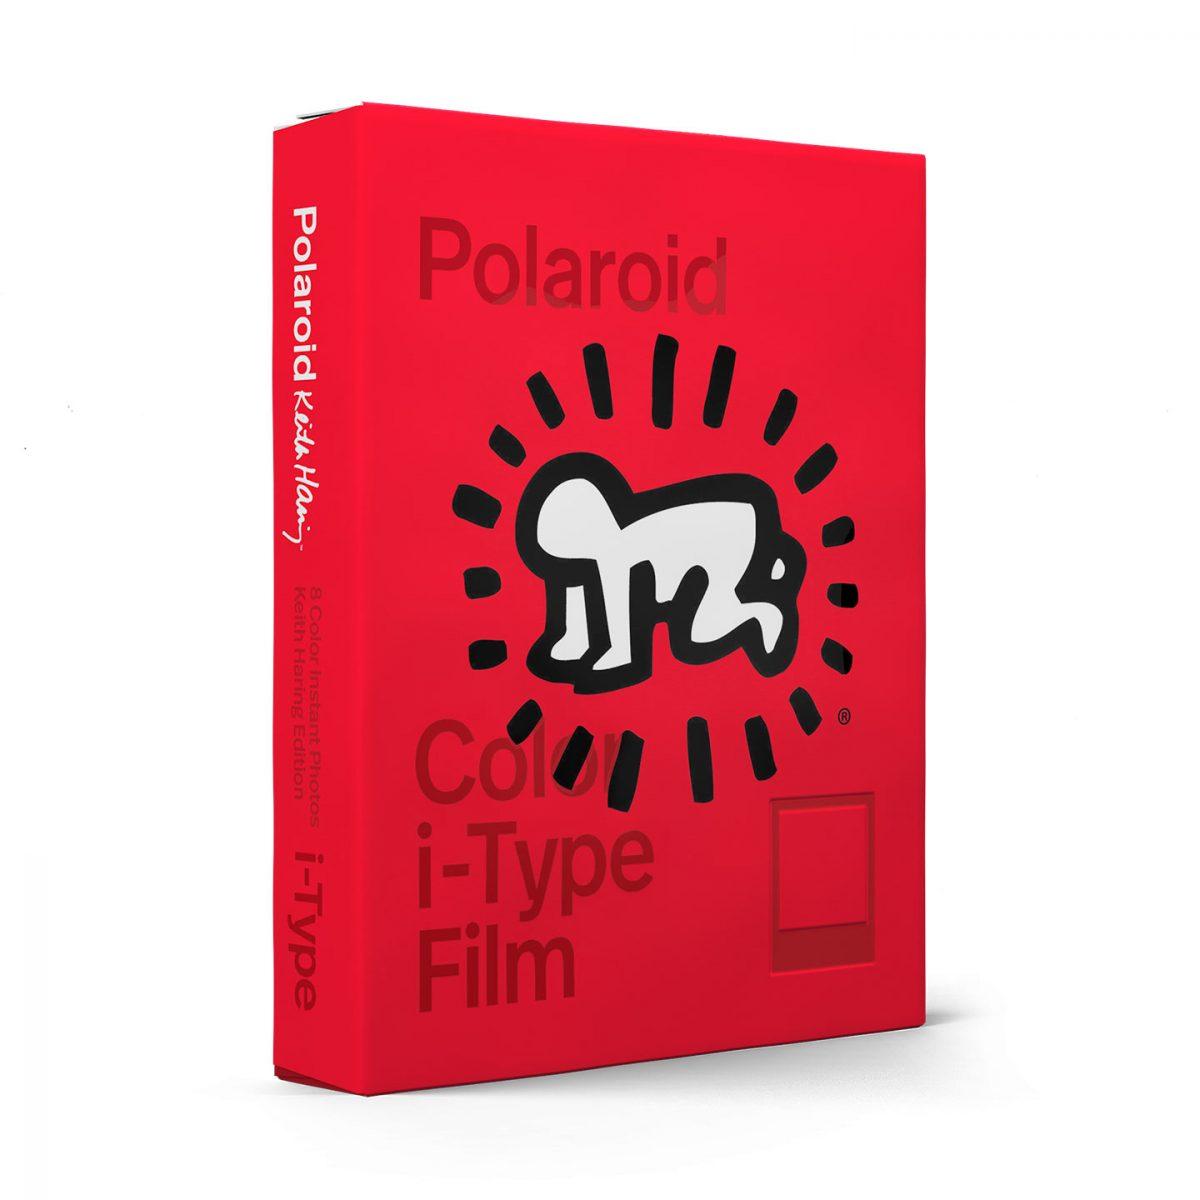 polaroid_i_type_color_film_keithharing_03